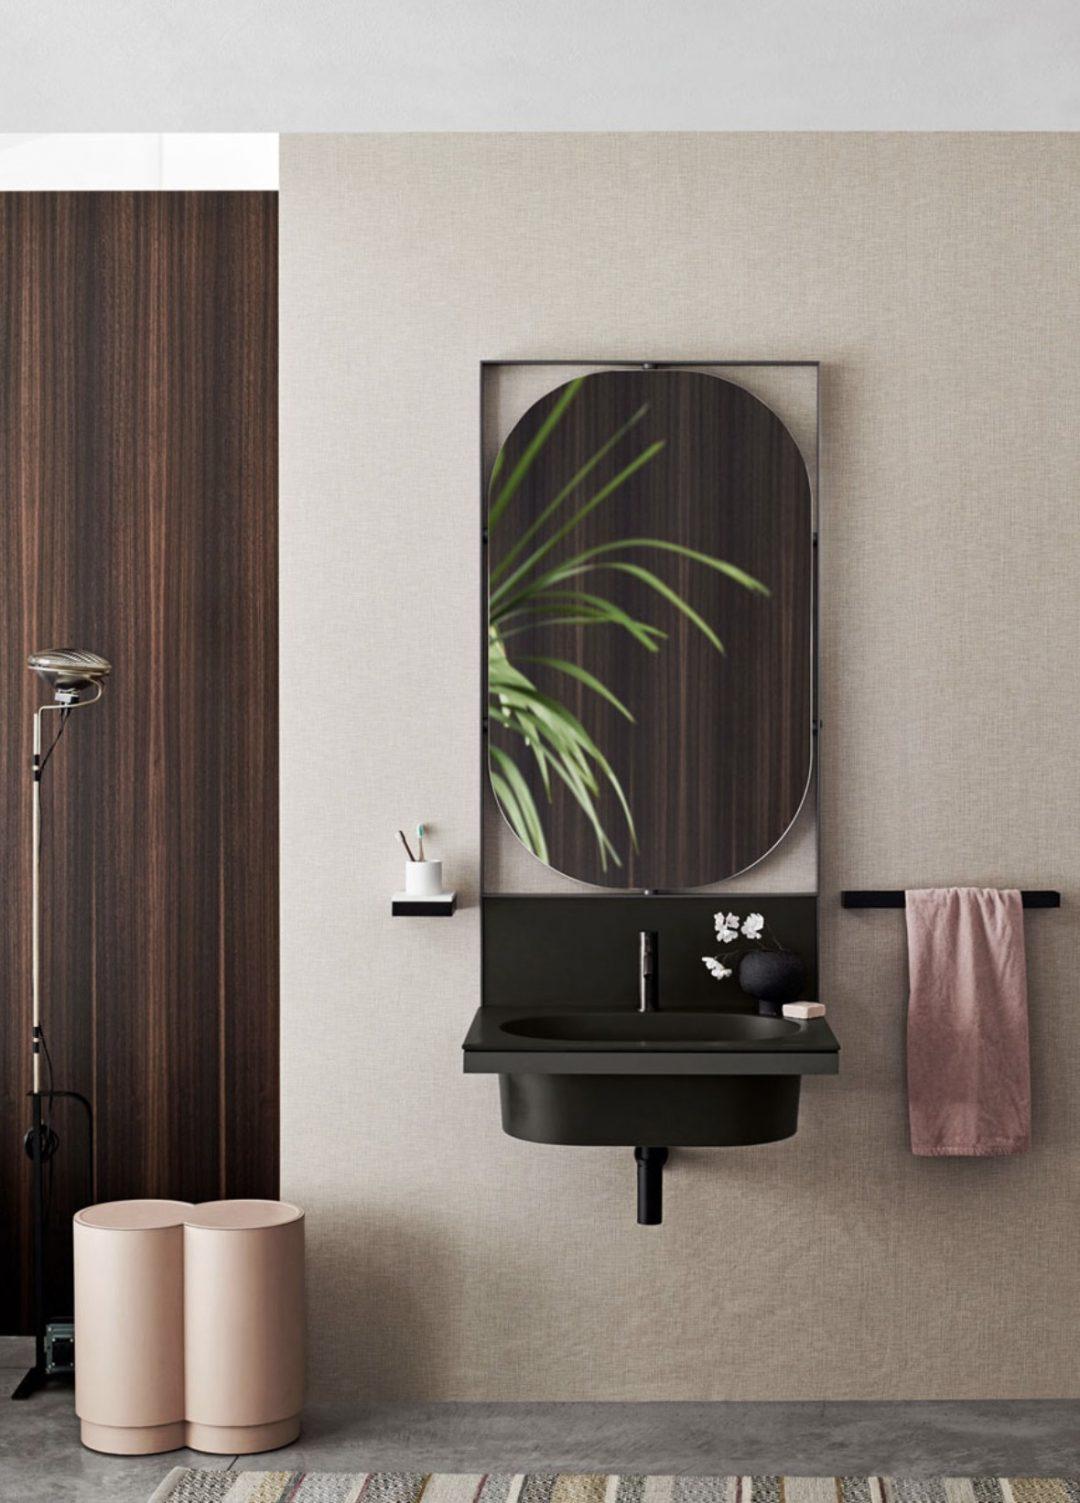 Tendance salle de bains contemporaine_Cielo